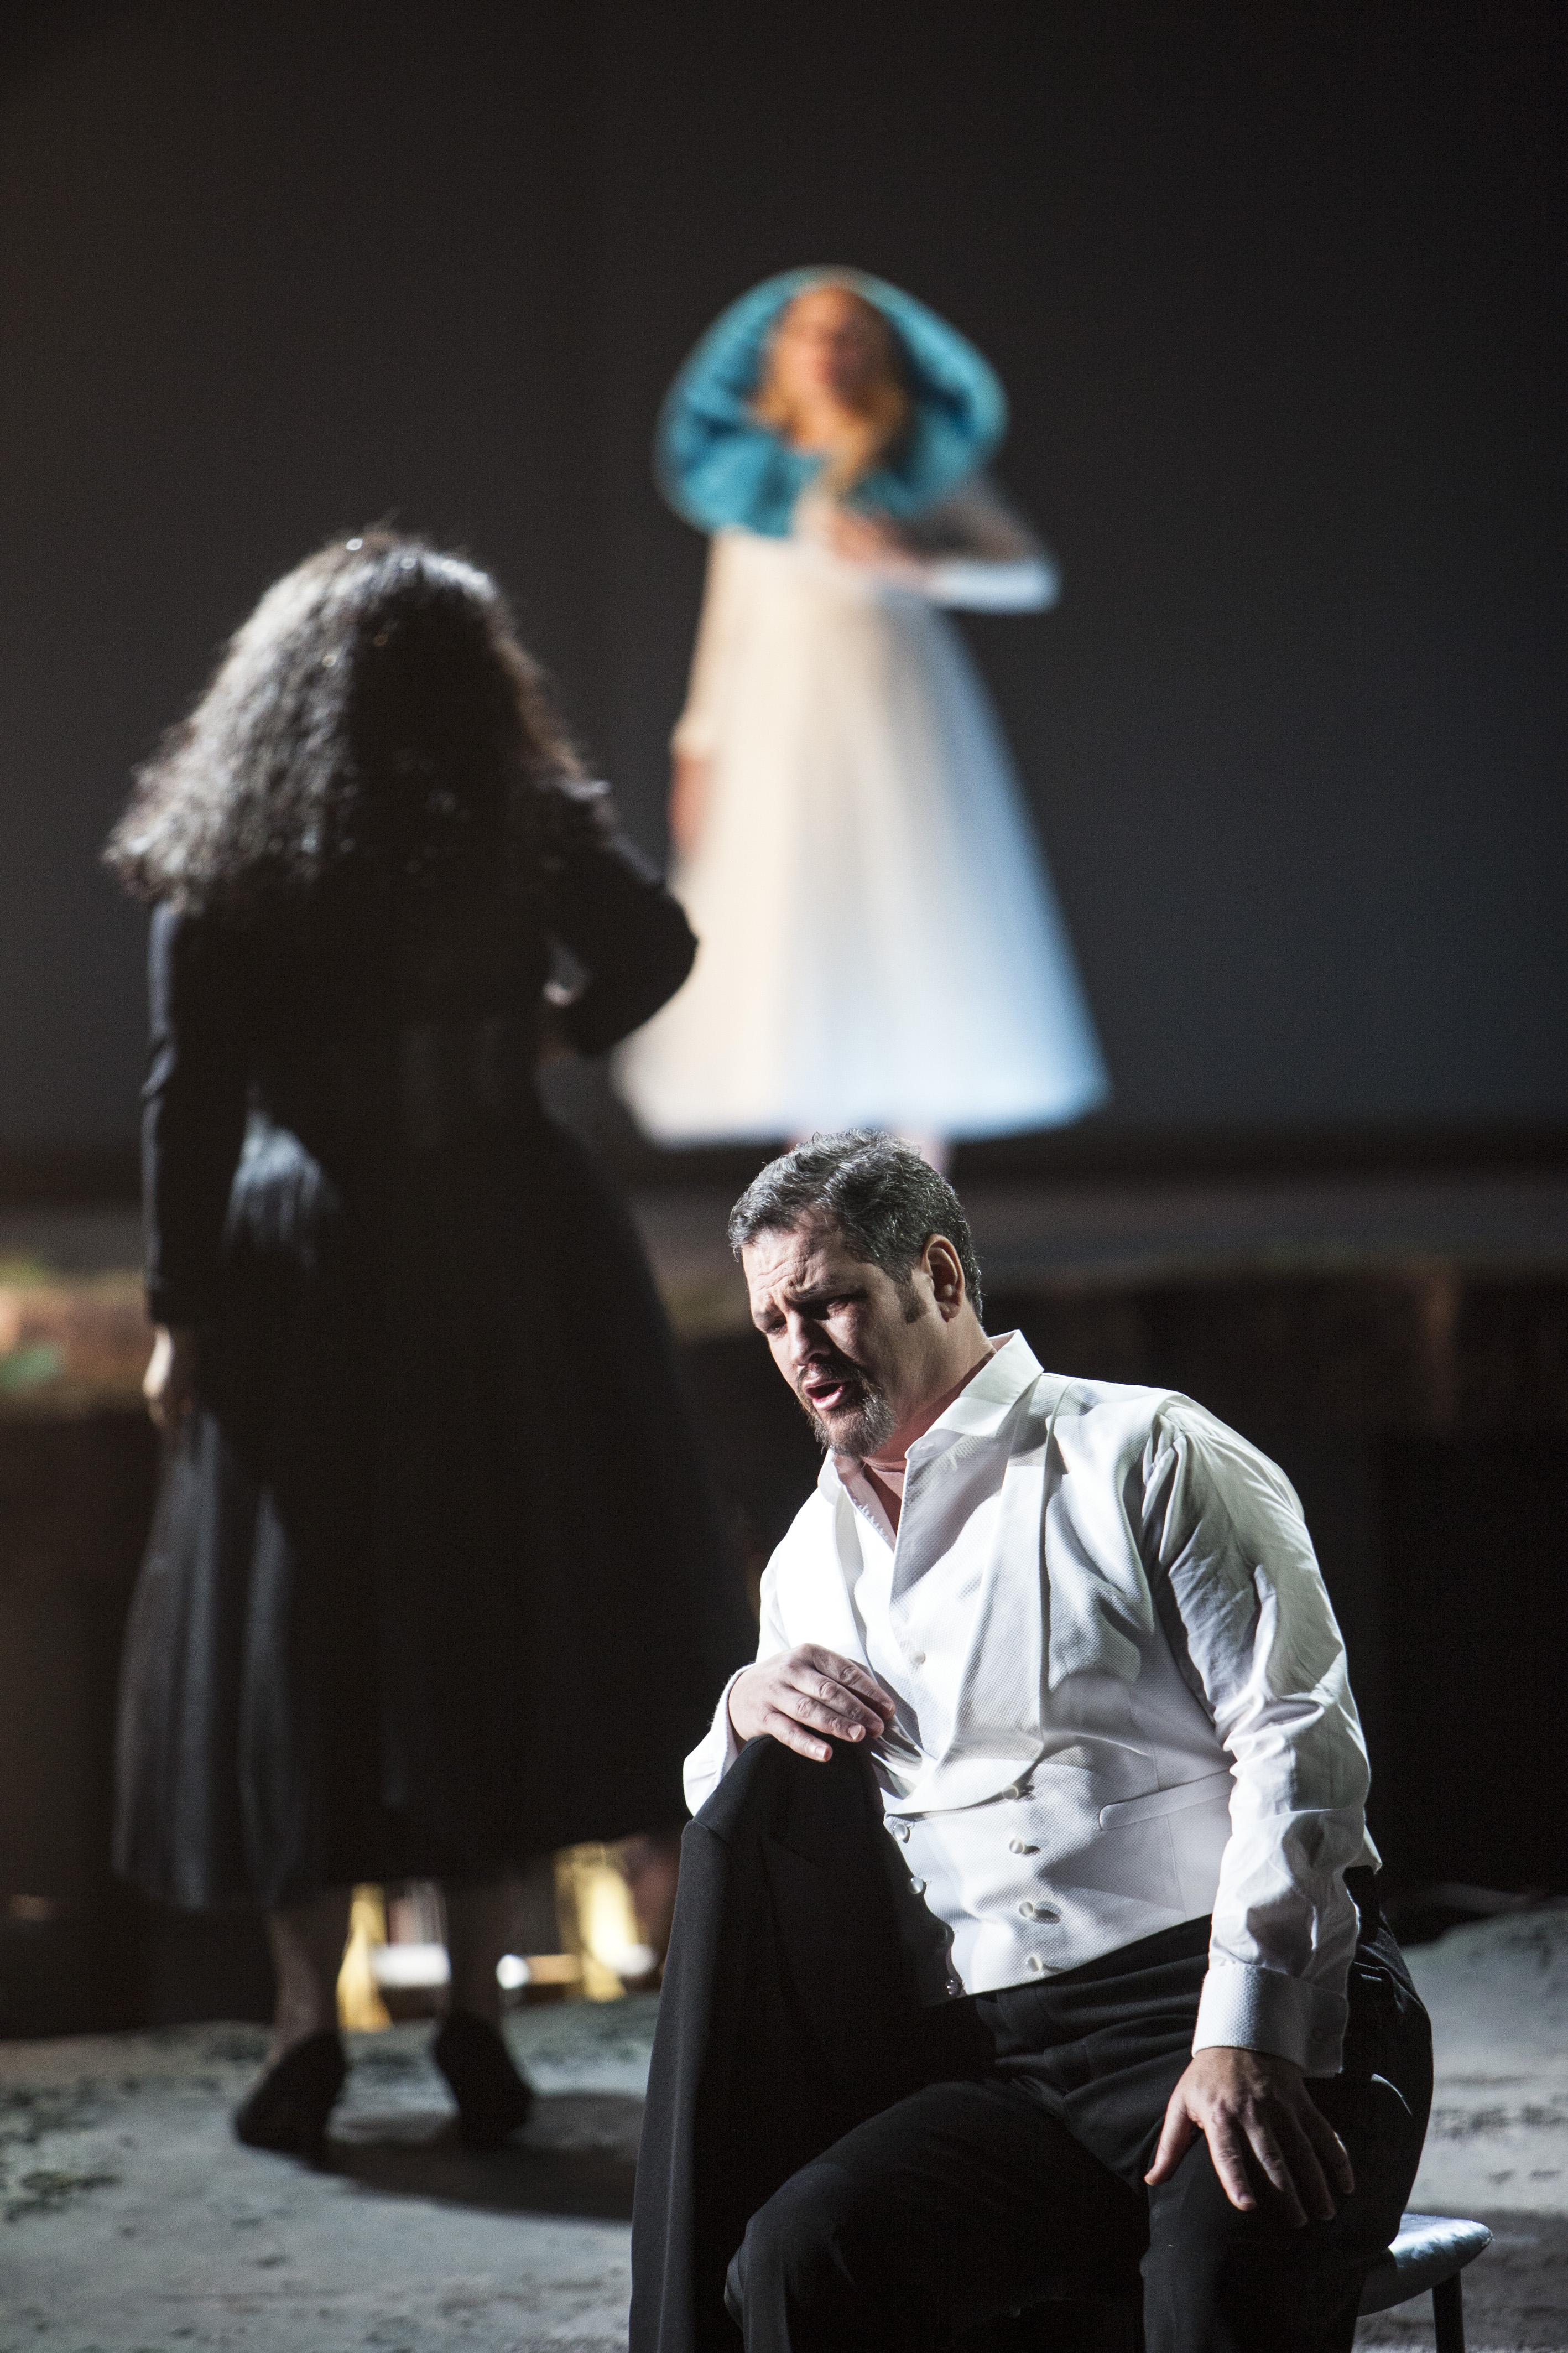 Bild: David Pomeroy (Tannhäuser) und Dalia Schaechter (Venus), die auf die heilige Maria blickt. © Bernd Uhlig